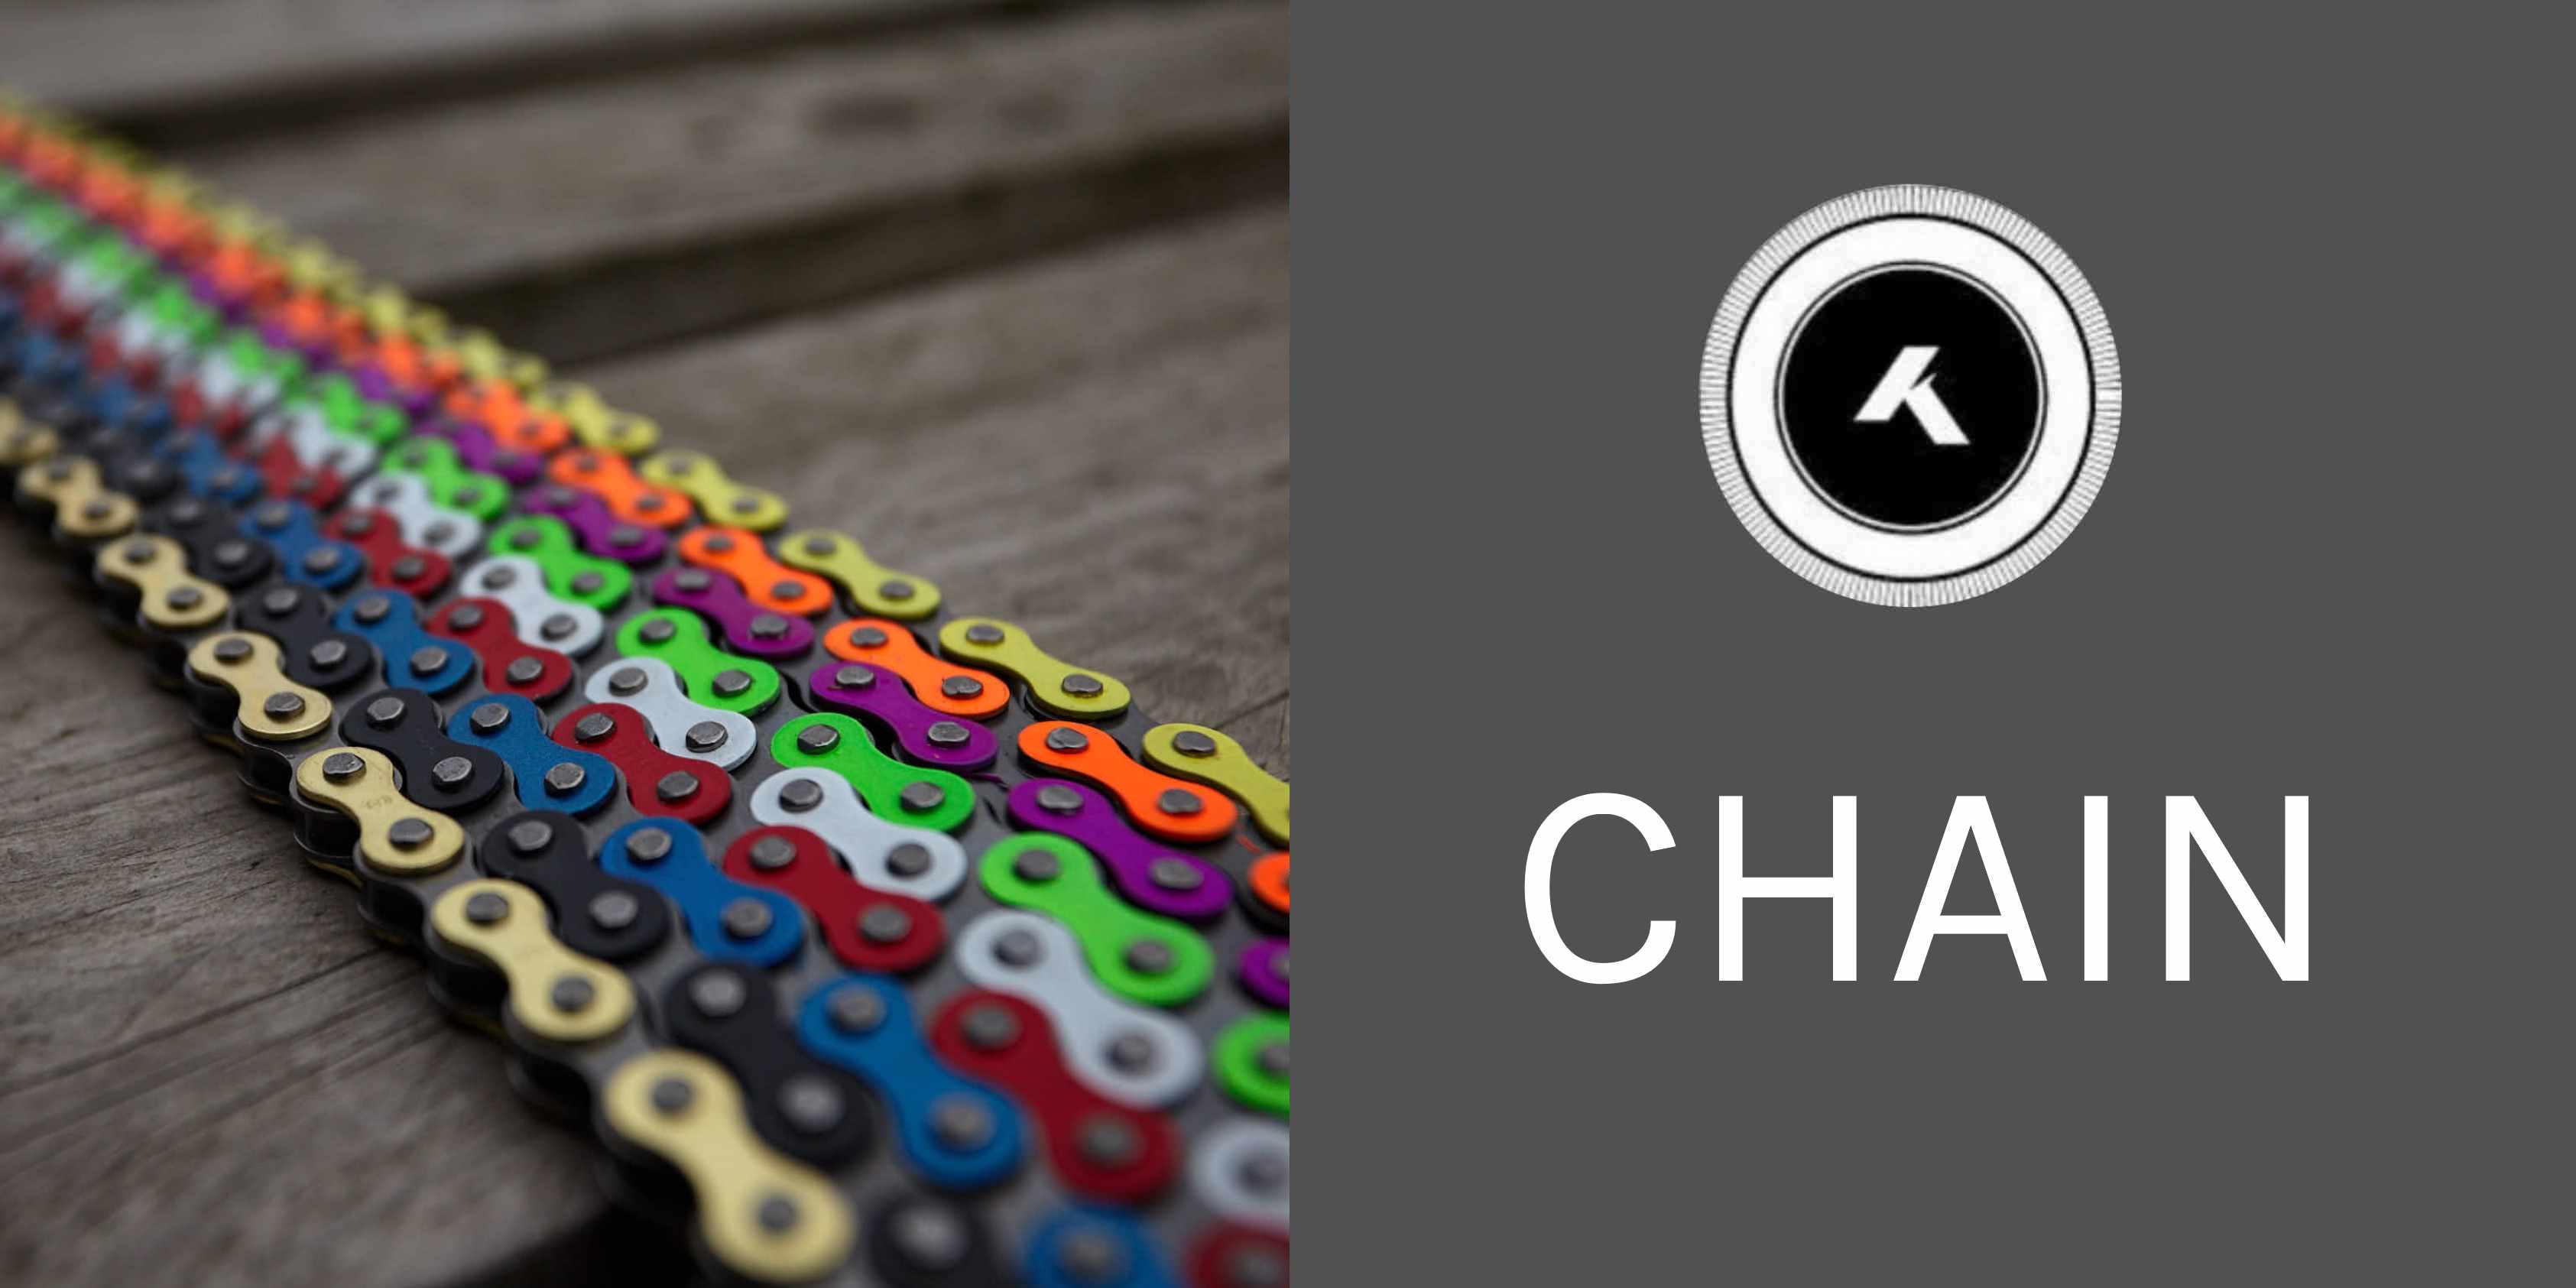 Chain-KHE-gross